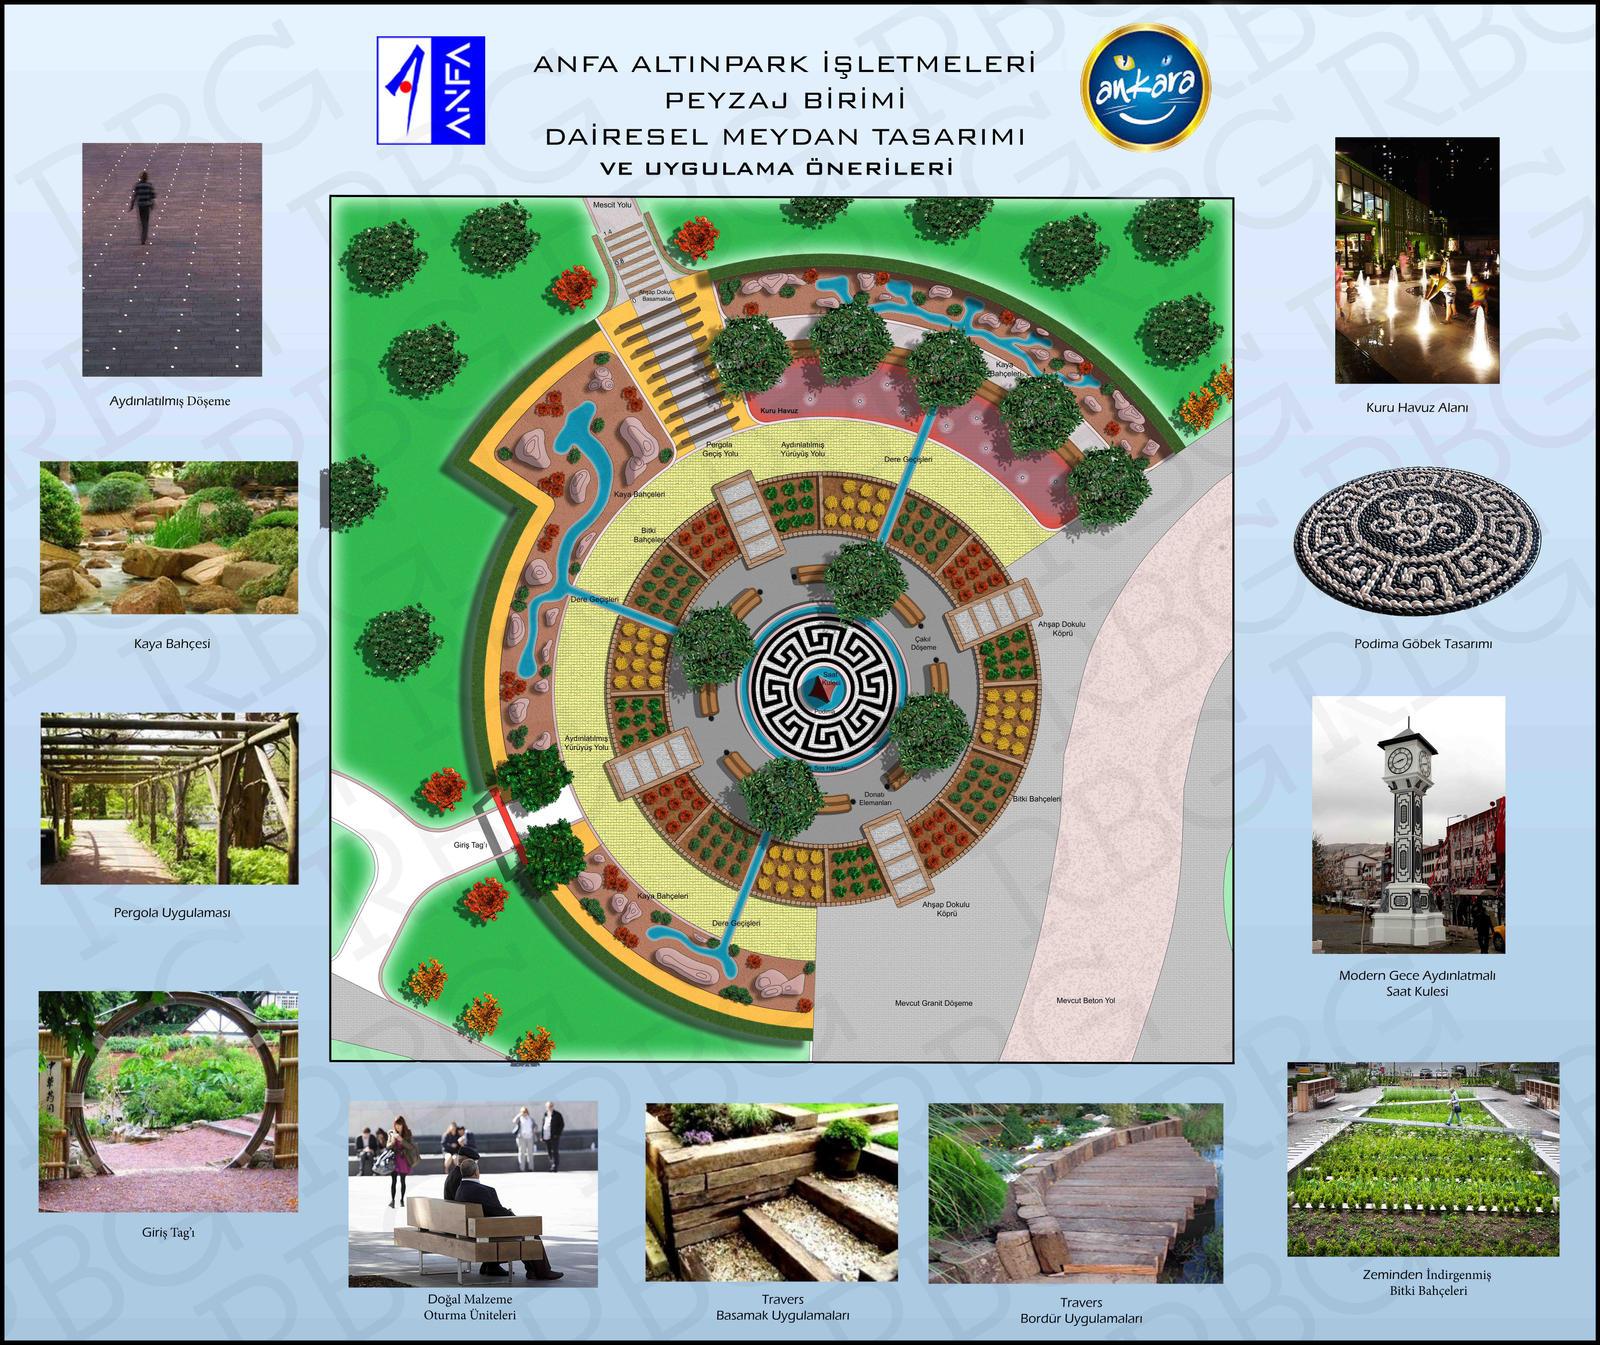 Ankara altinpark circular square landscape design by rbg for Circular garden designs